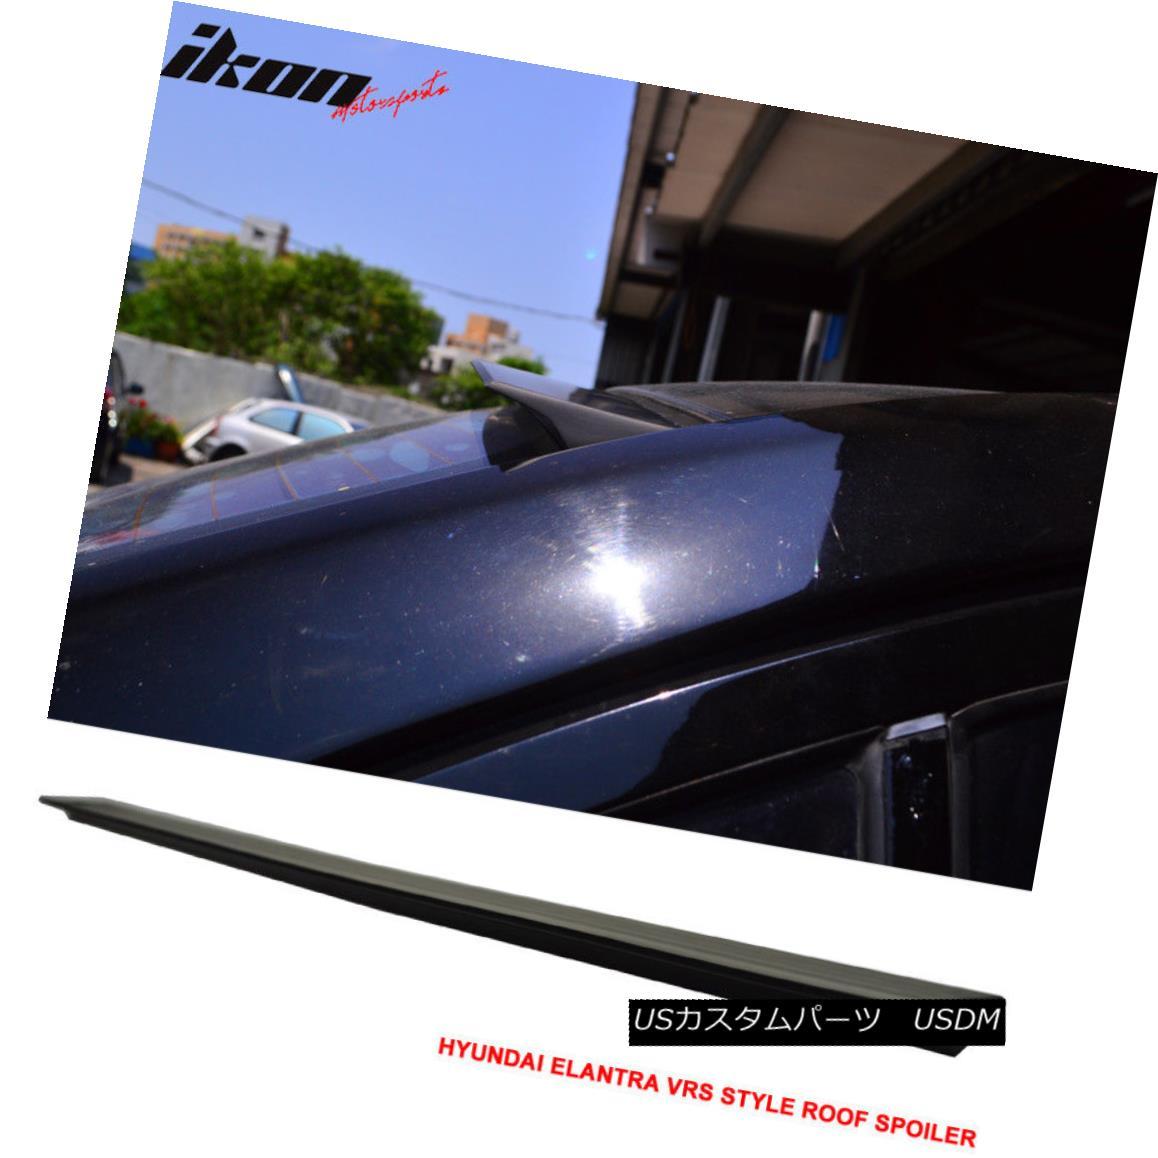 エアロパーツ For 11-15 Hyundai Elantra 5th VRS Style Roof Spoiler Wing Unpainted - PUF 11月15日現代エラントラ5th VRSスタイルルーフスポイラーウイング未塗装 - PUF